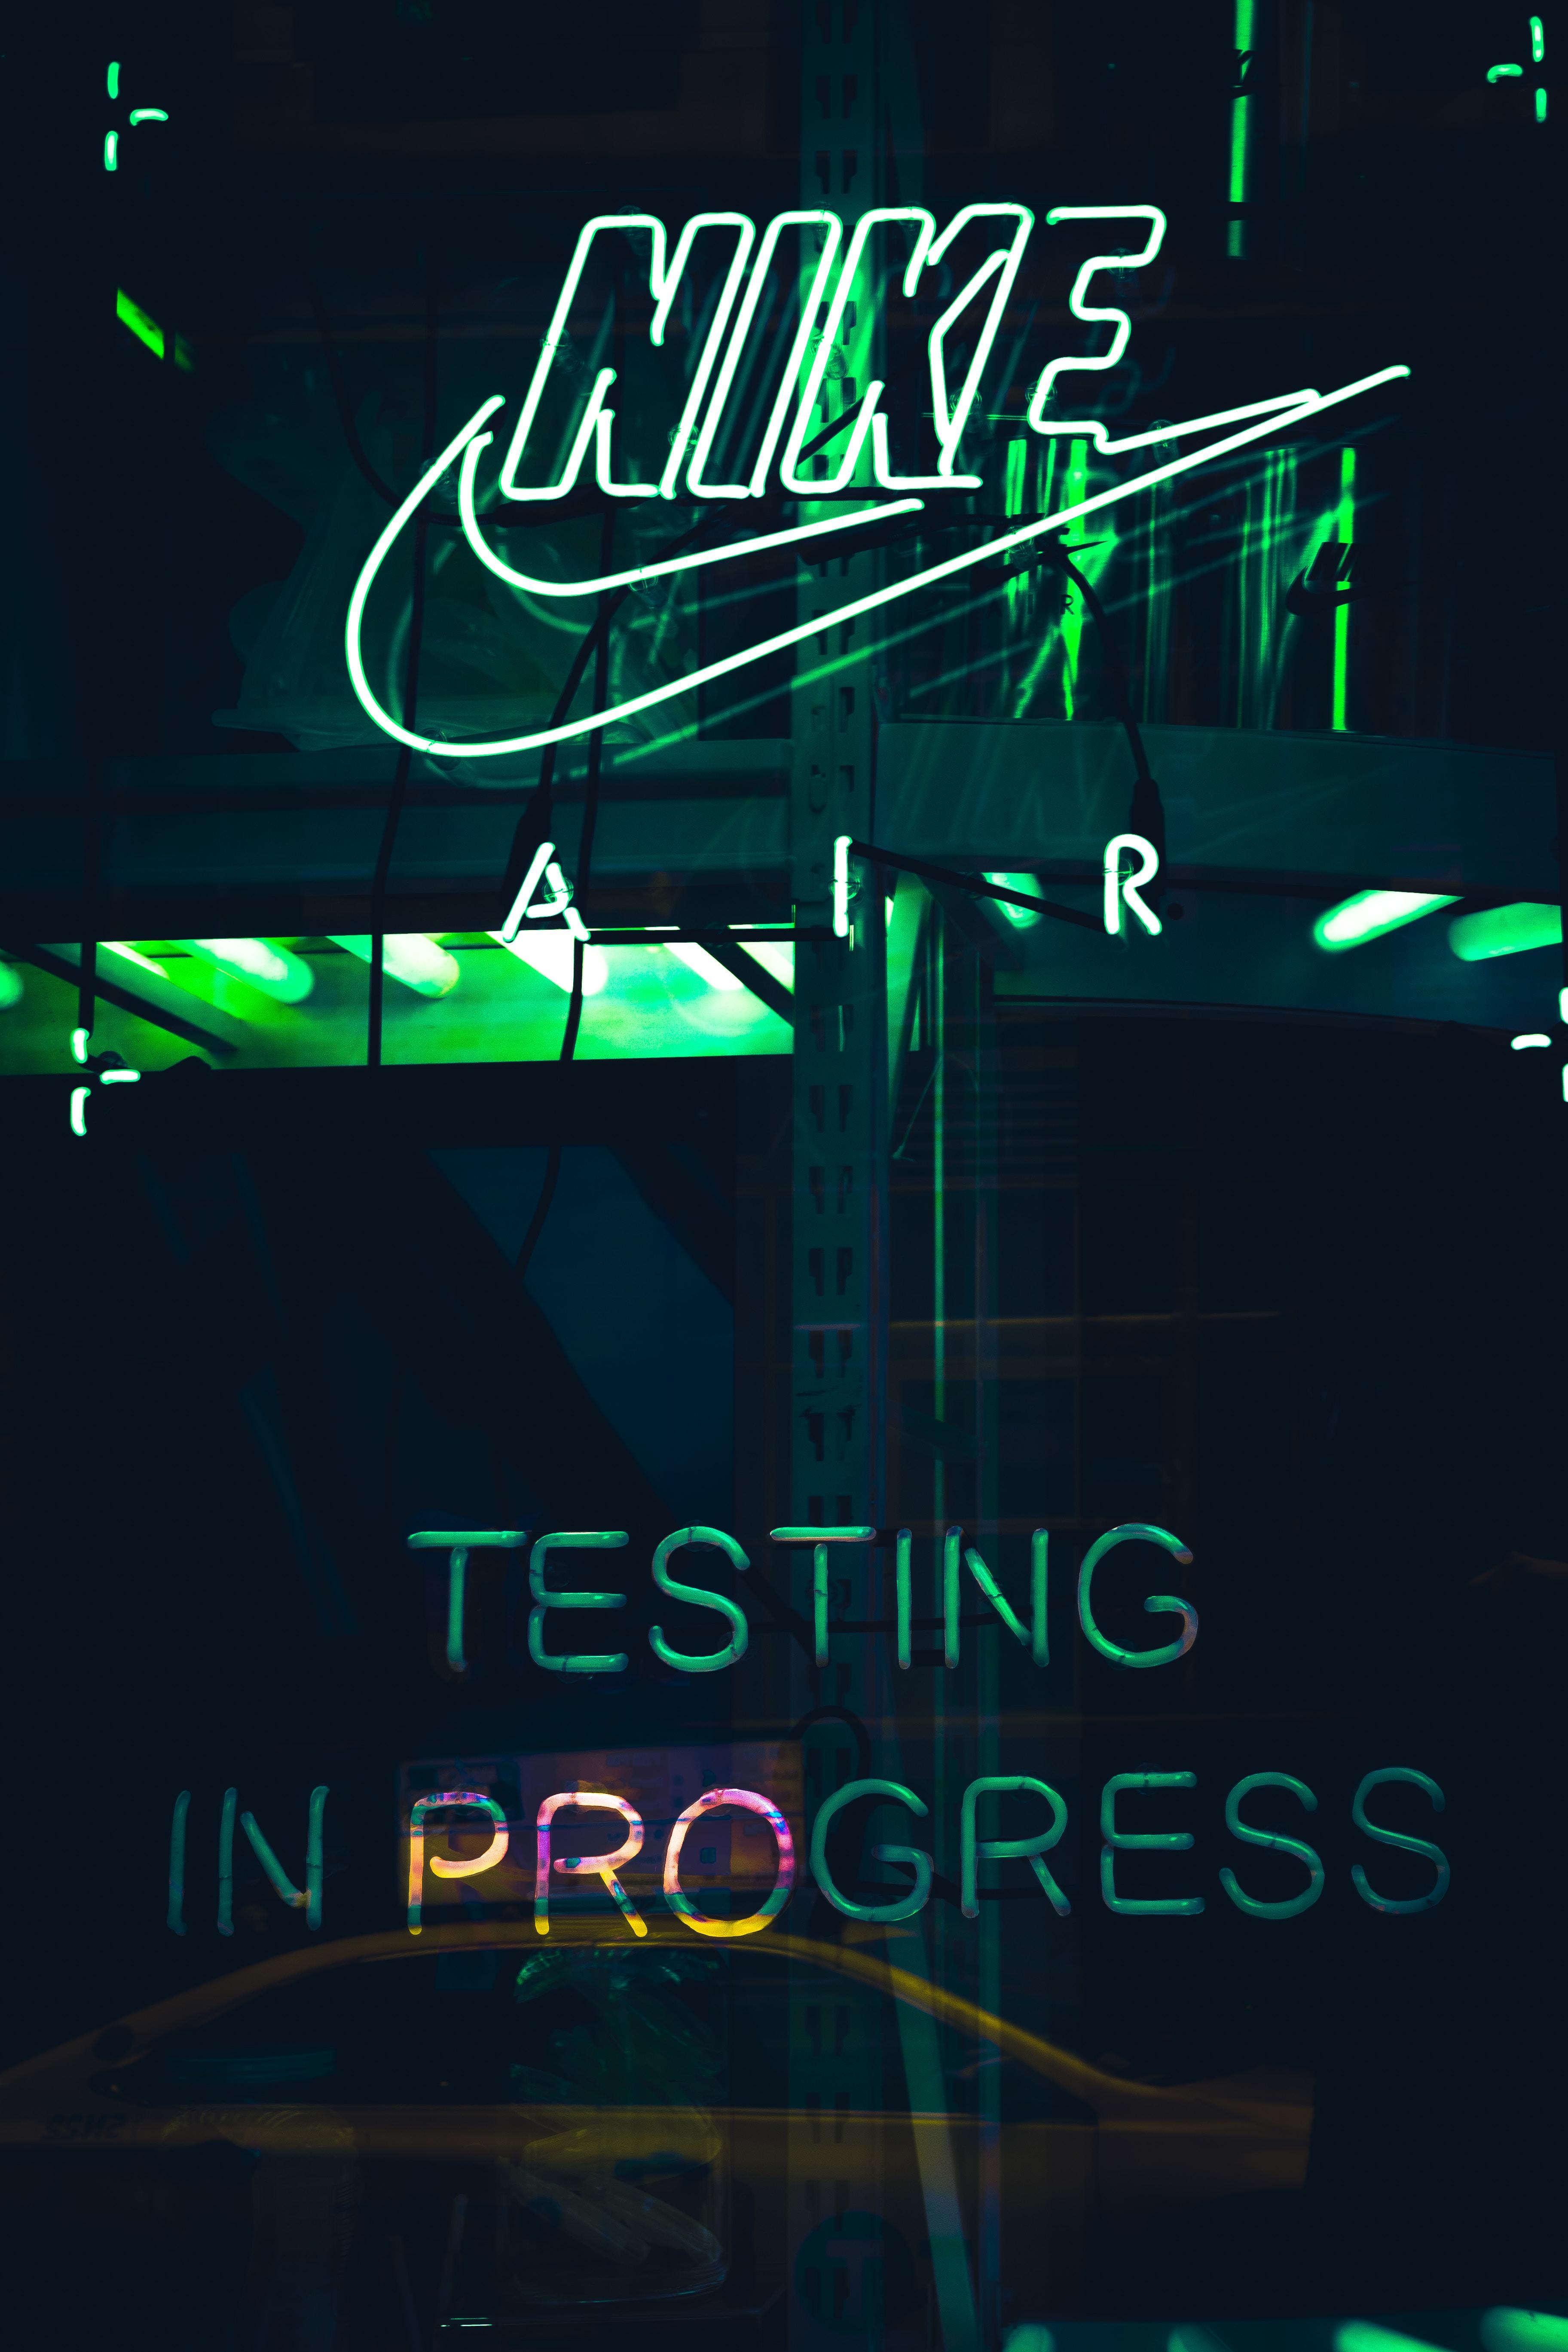 turned-on white Nike neon light signage